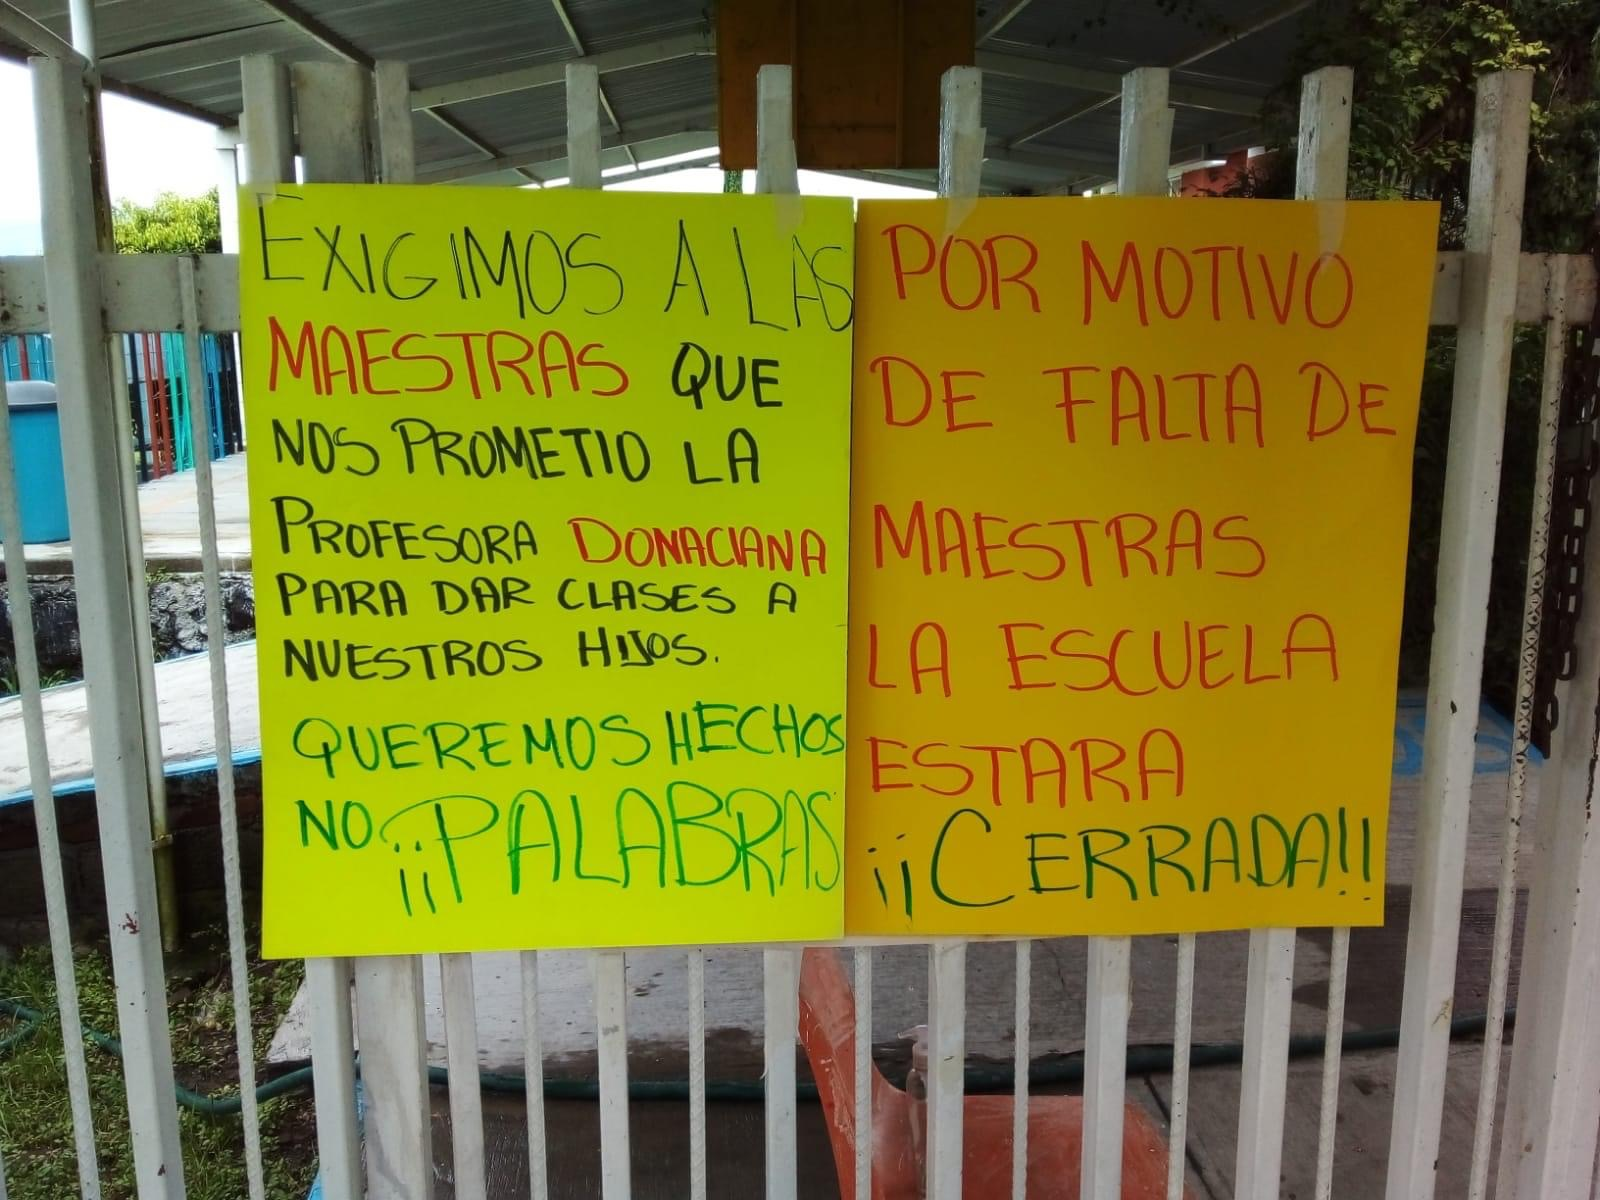 Kínder indígena en Atlixco sigue cerrado por falta de maestras